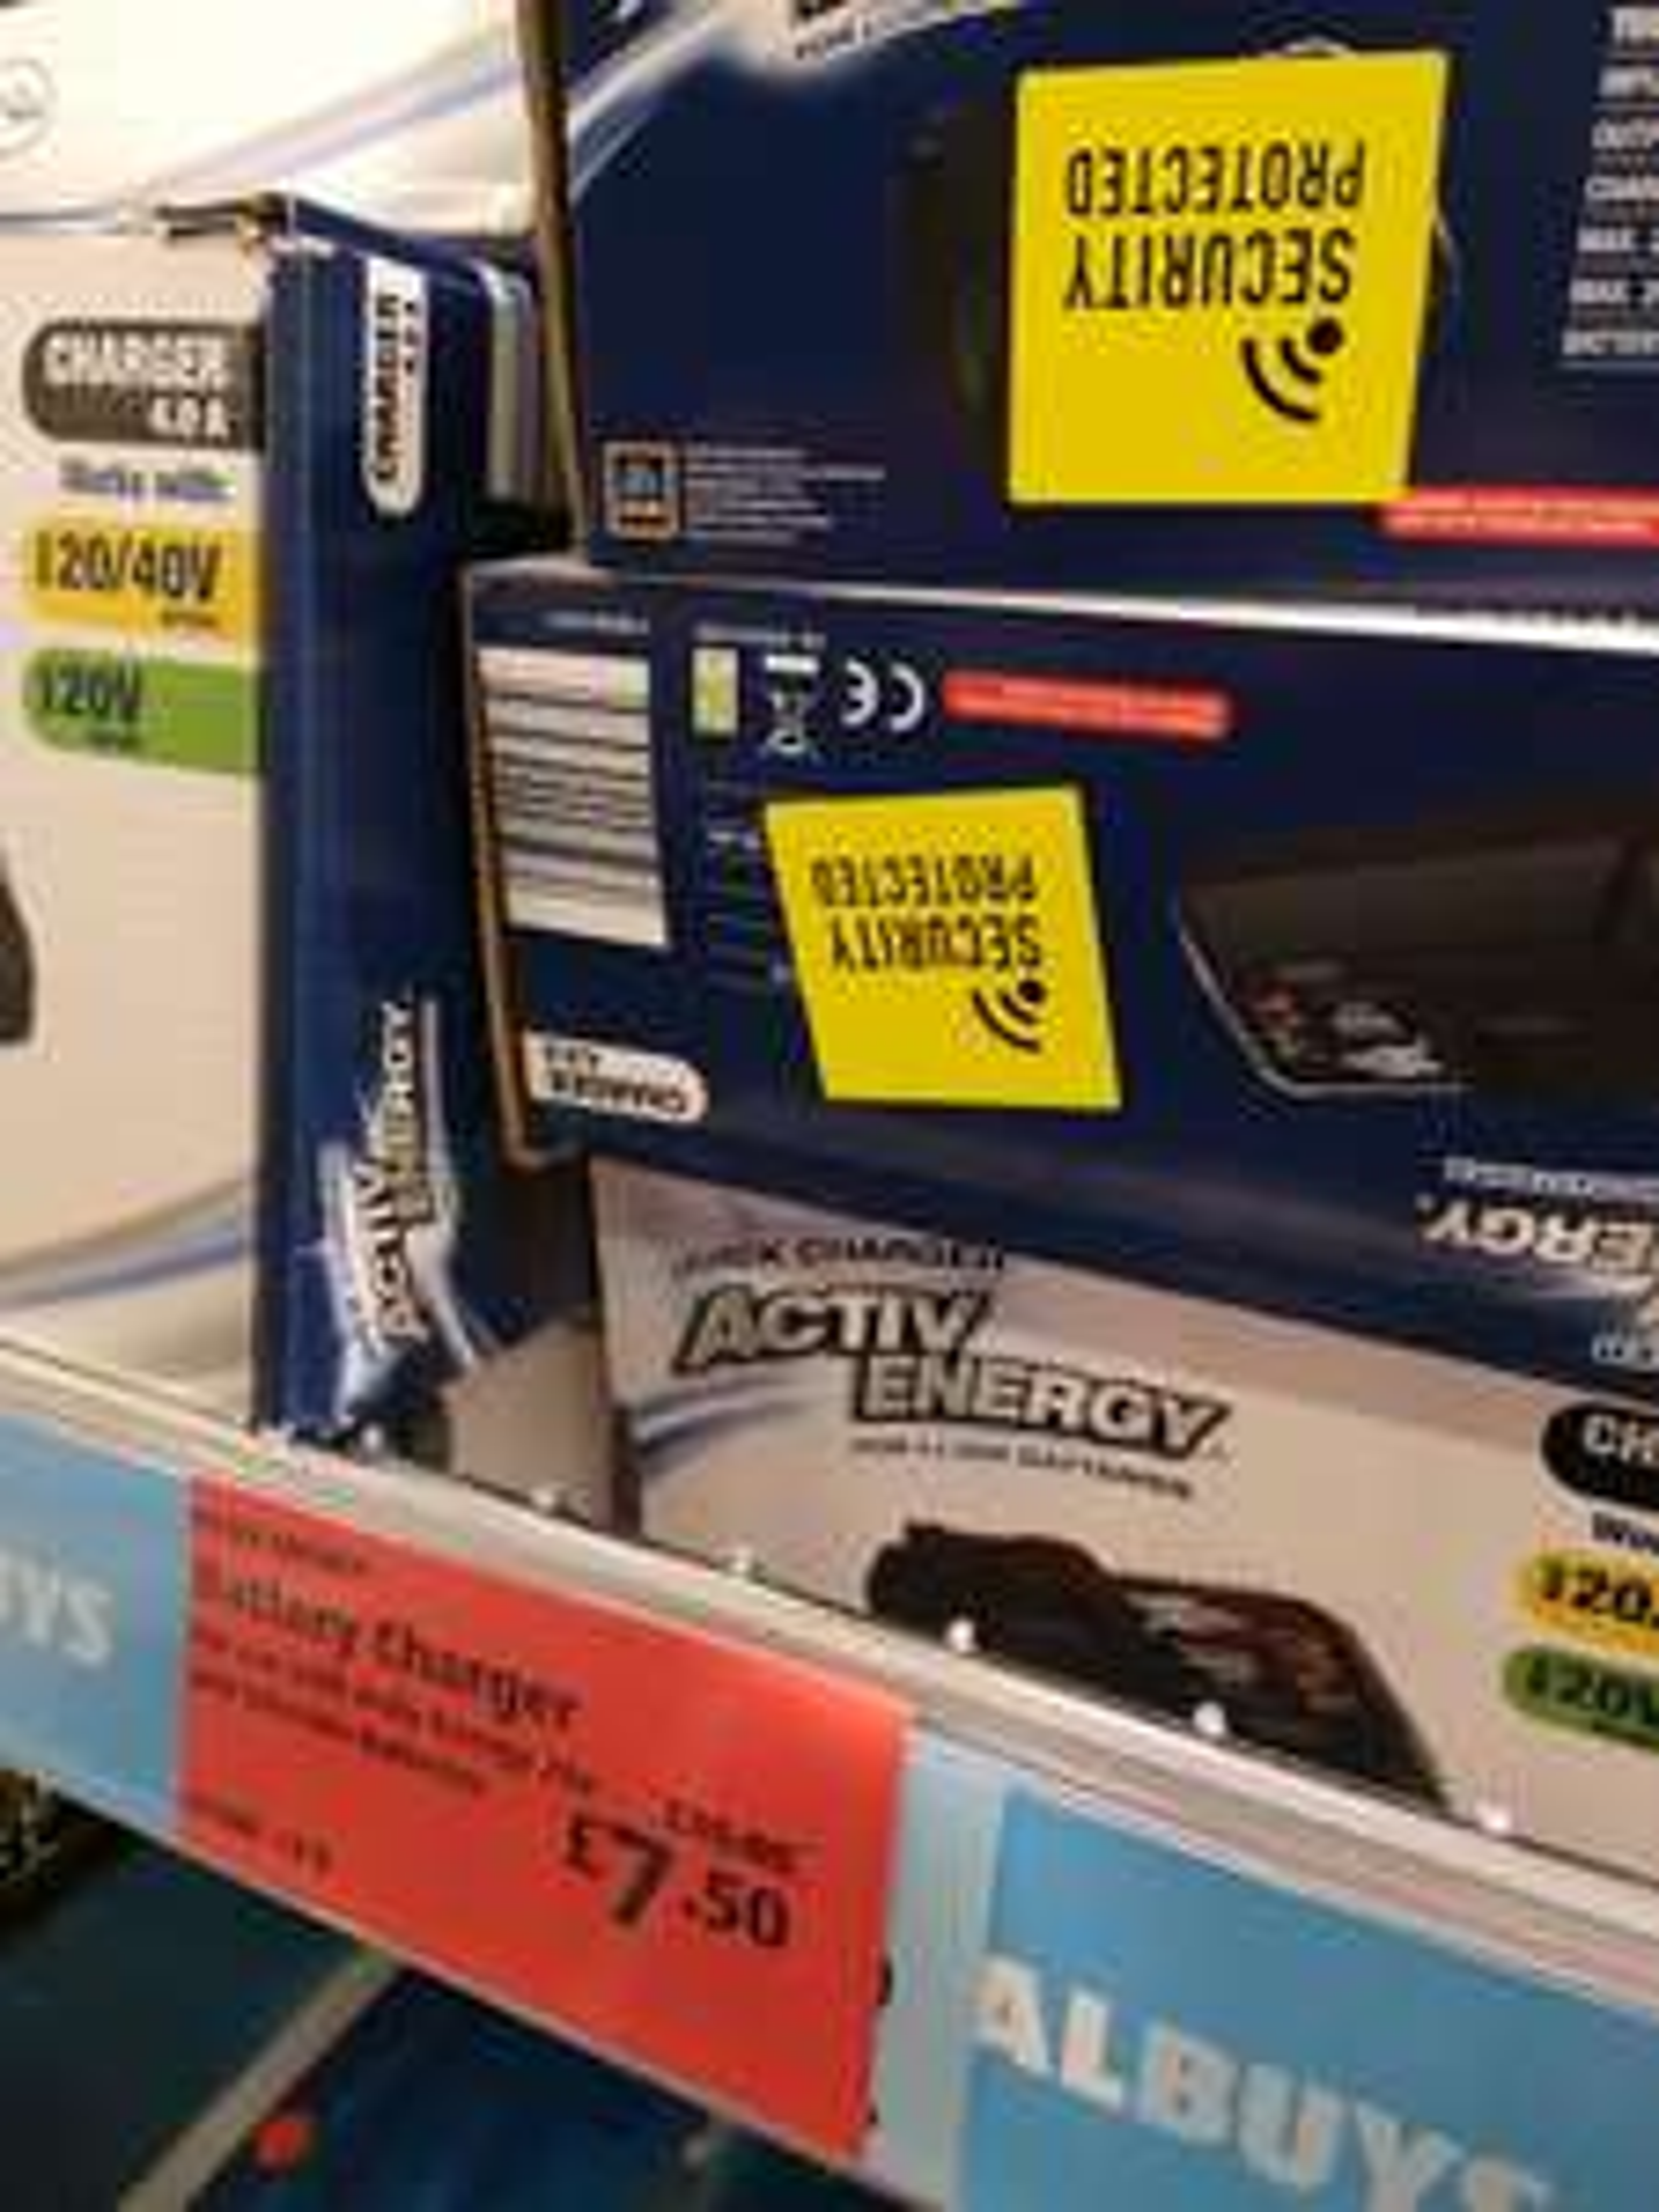 Aldi Activ Energy 20V/40V Charger, reduced in store £7.50